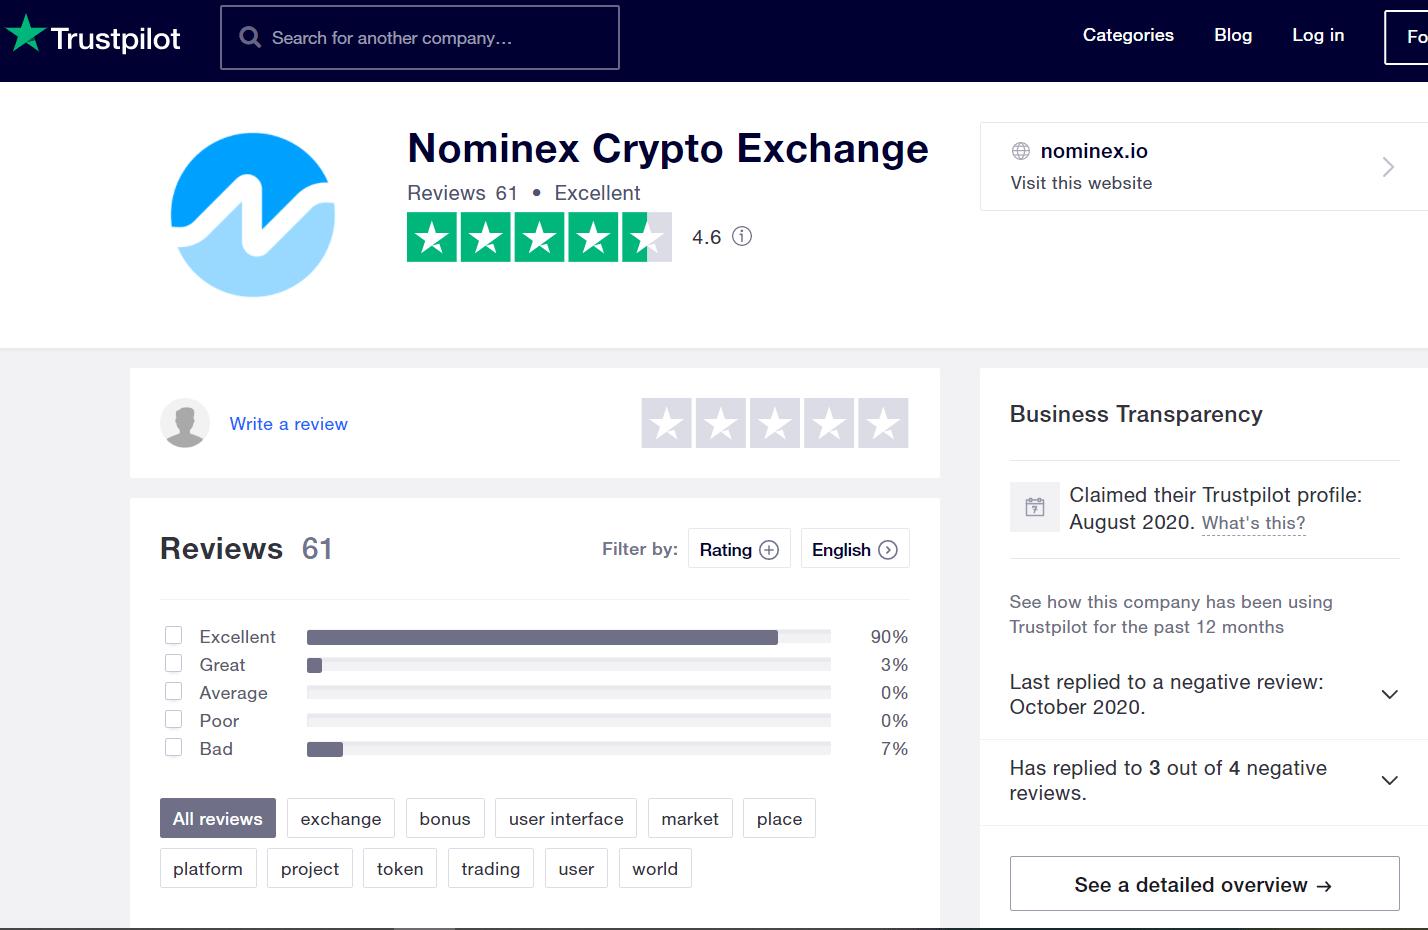 отзывы о nominex на Trustpilot